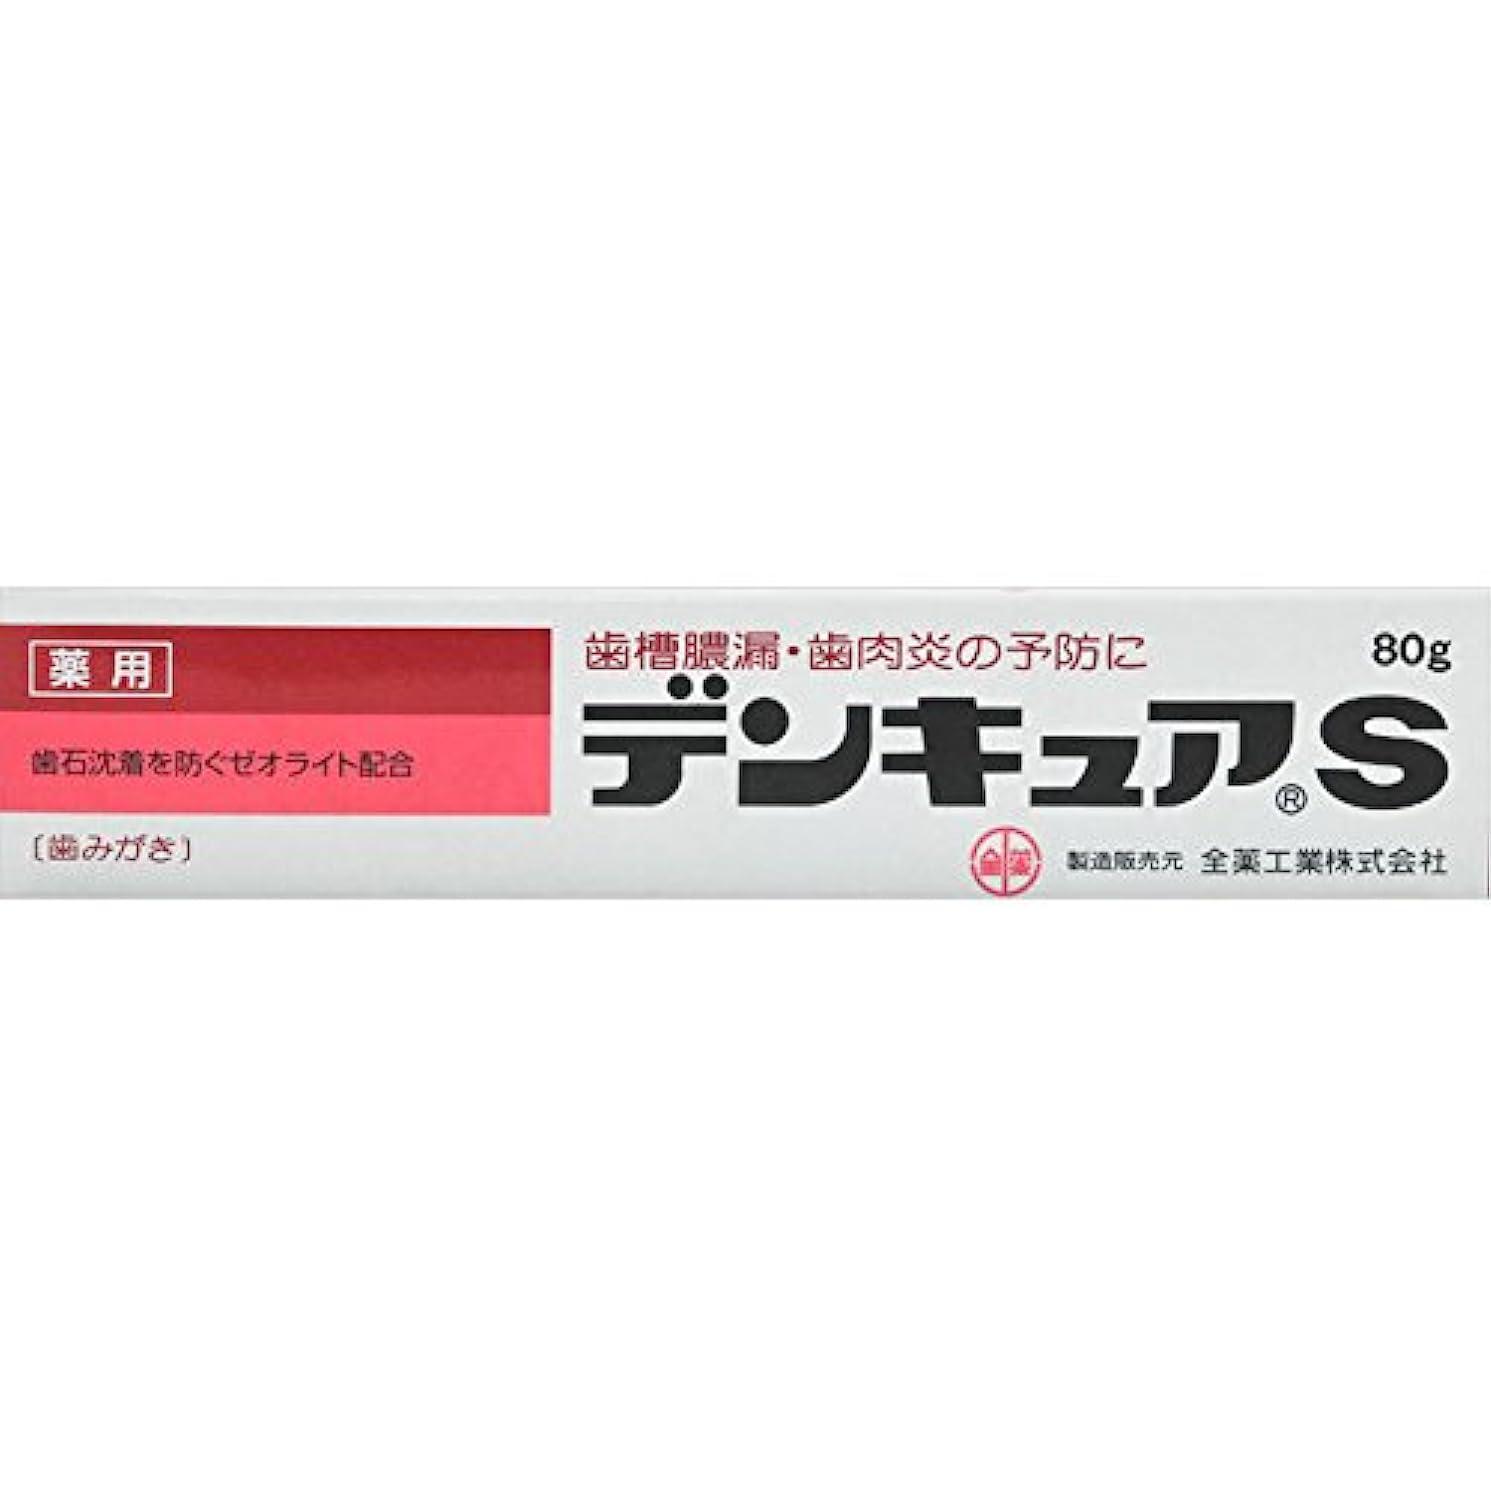 人気のシネマ腫瘍全薬工業 デンキュアS 80g (医薬部外品)